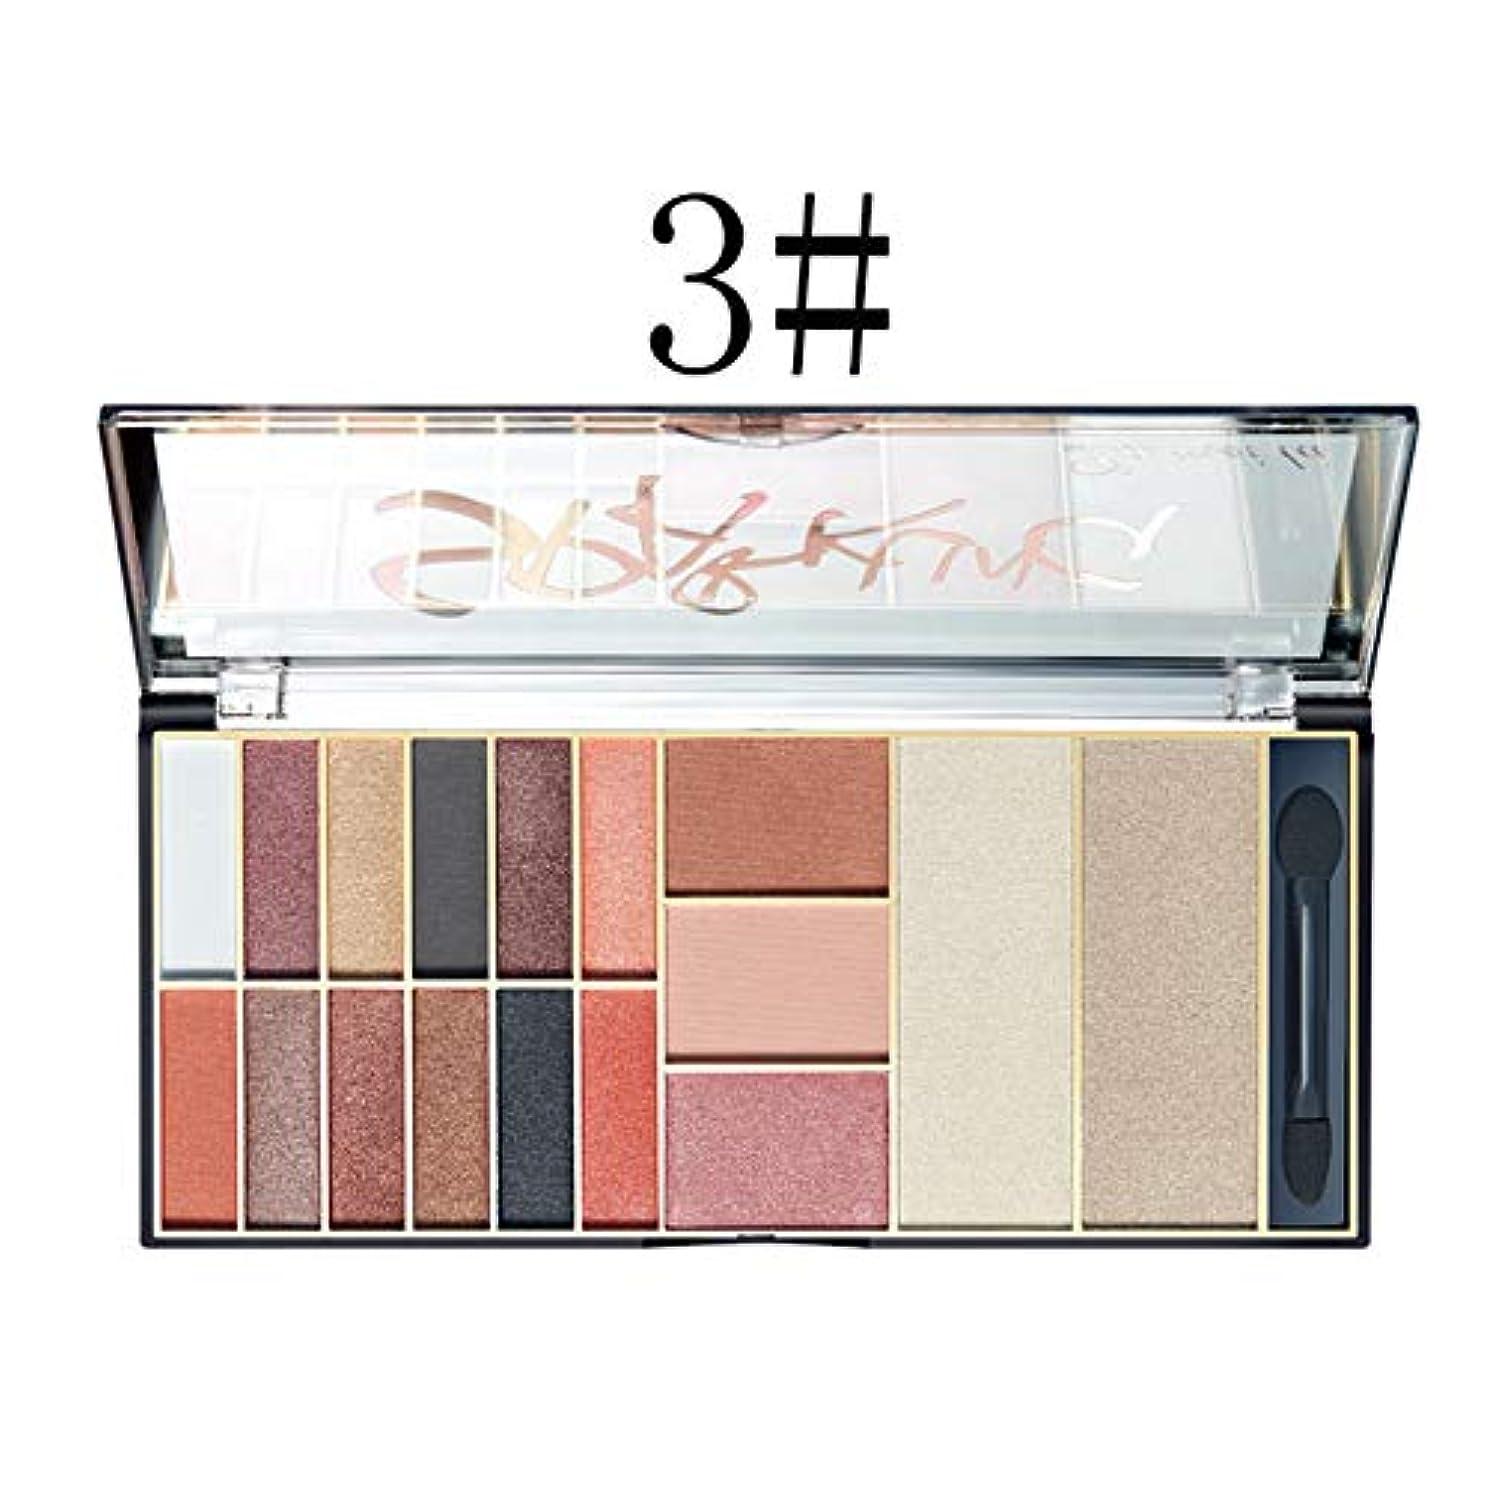 大臣子音協定Akane アイシャドウパレット SPARKUNG ファッション 魅力的 スモーキー プロ 高級 自然 美しい 防水 素敵 綺麗 持ち便利 日常 Eye Shadow (17色) 5011